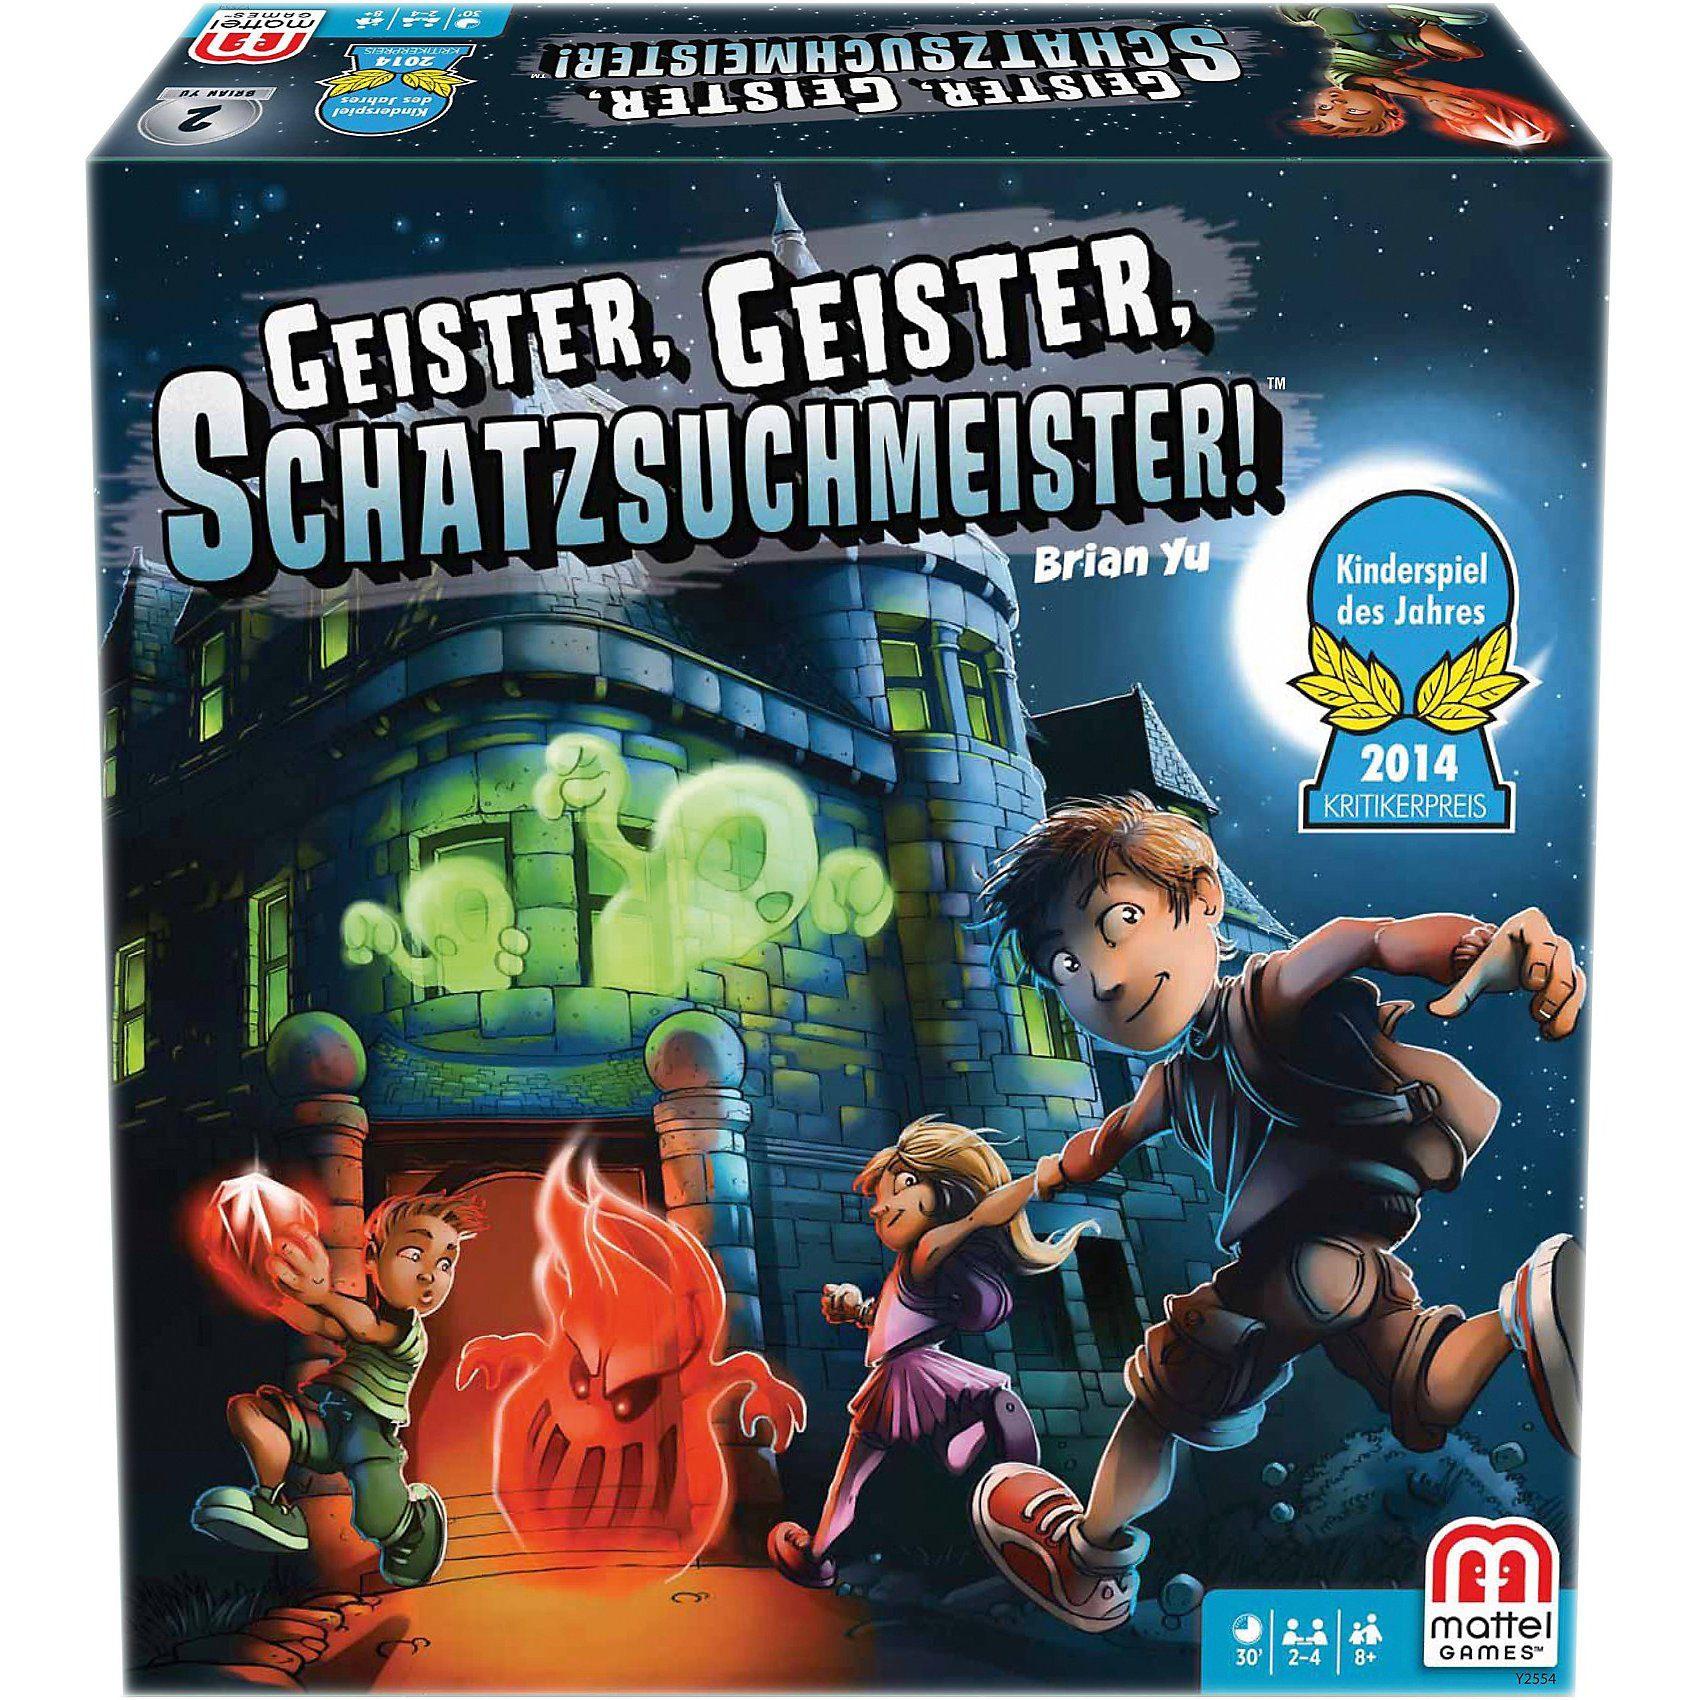 Mattel® Games KINDERSPIEL DES JAHRES 2014 Geister, Geister, Schatzsu